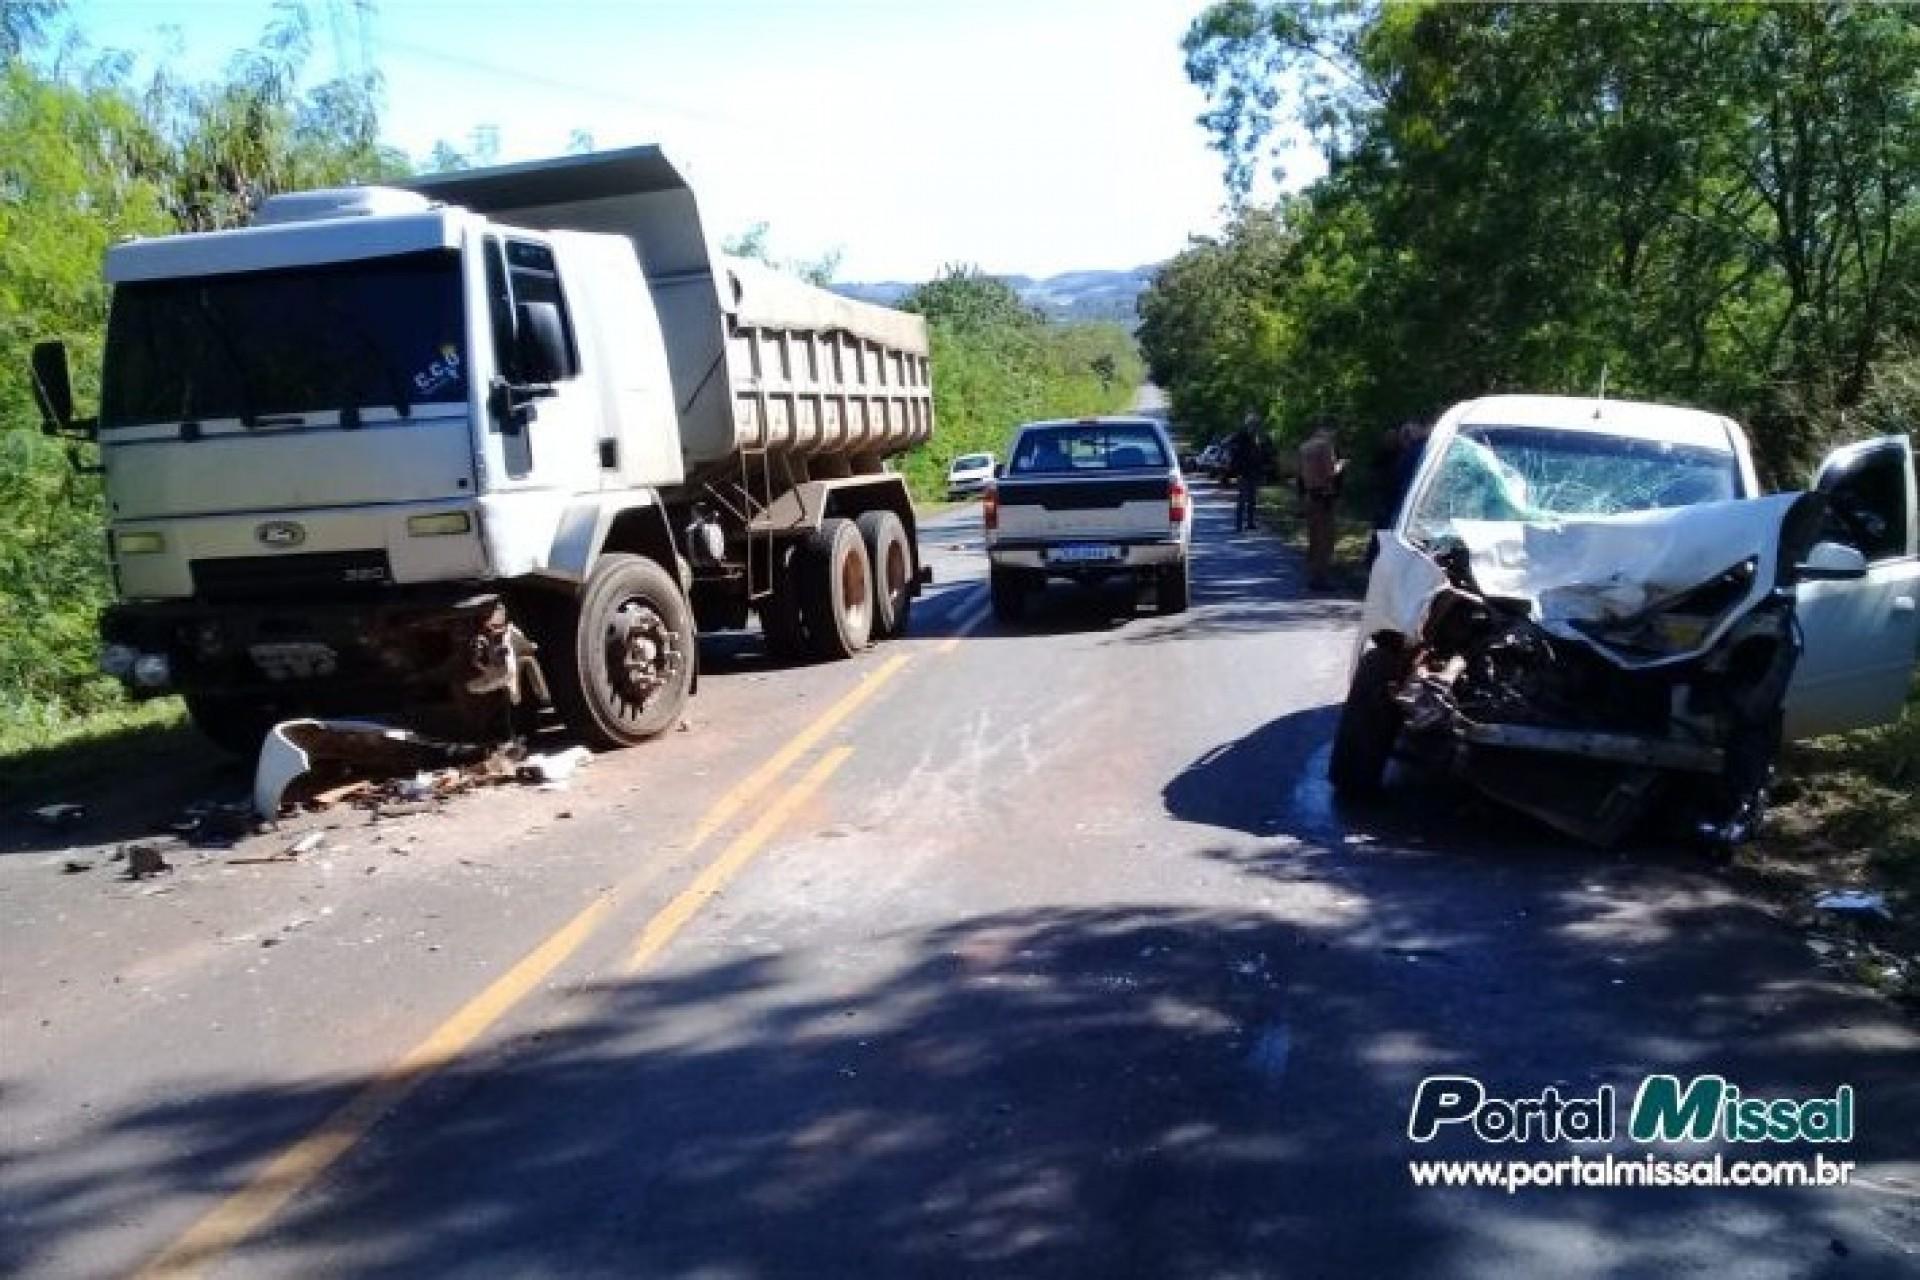 Acidente envolve três carros na PR 495 entre Missal e Medianeira